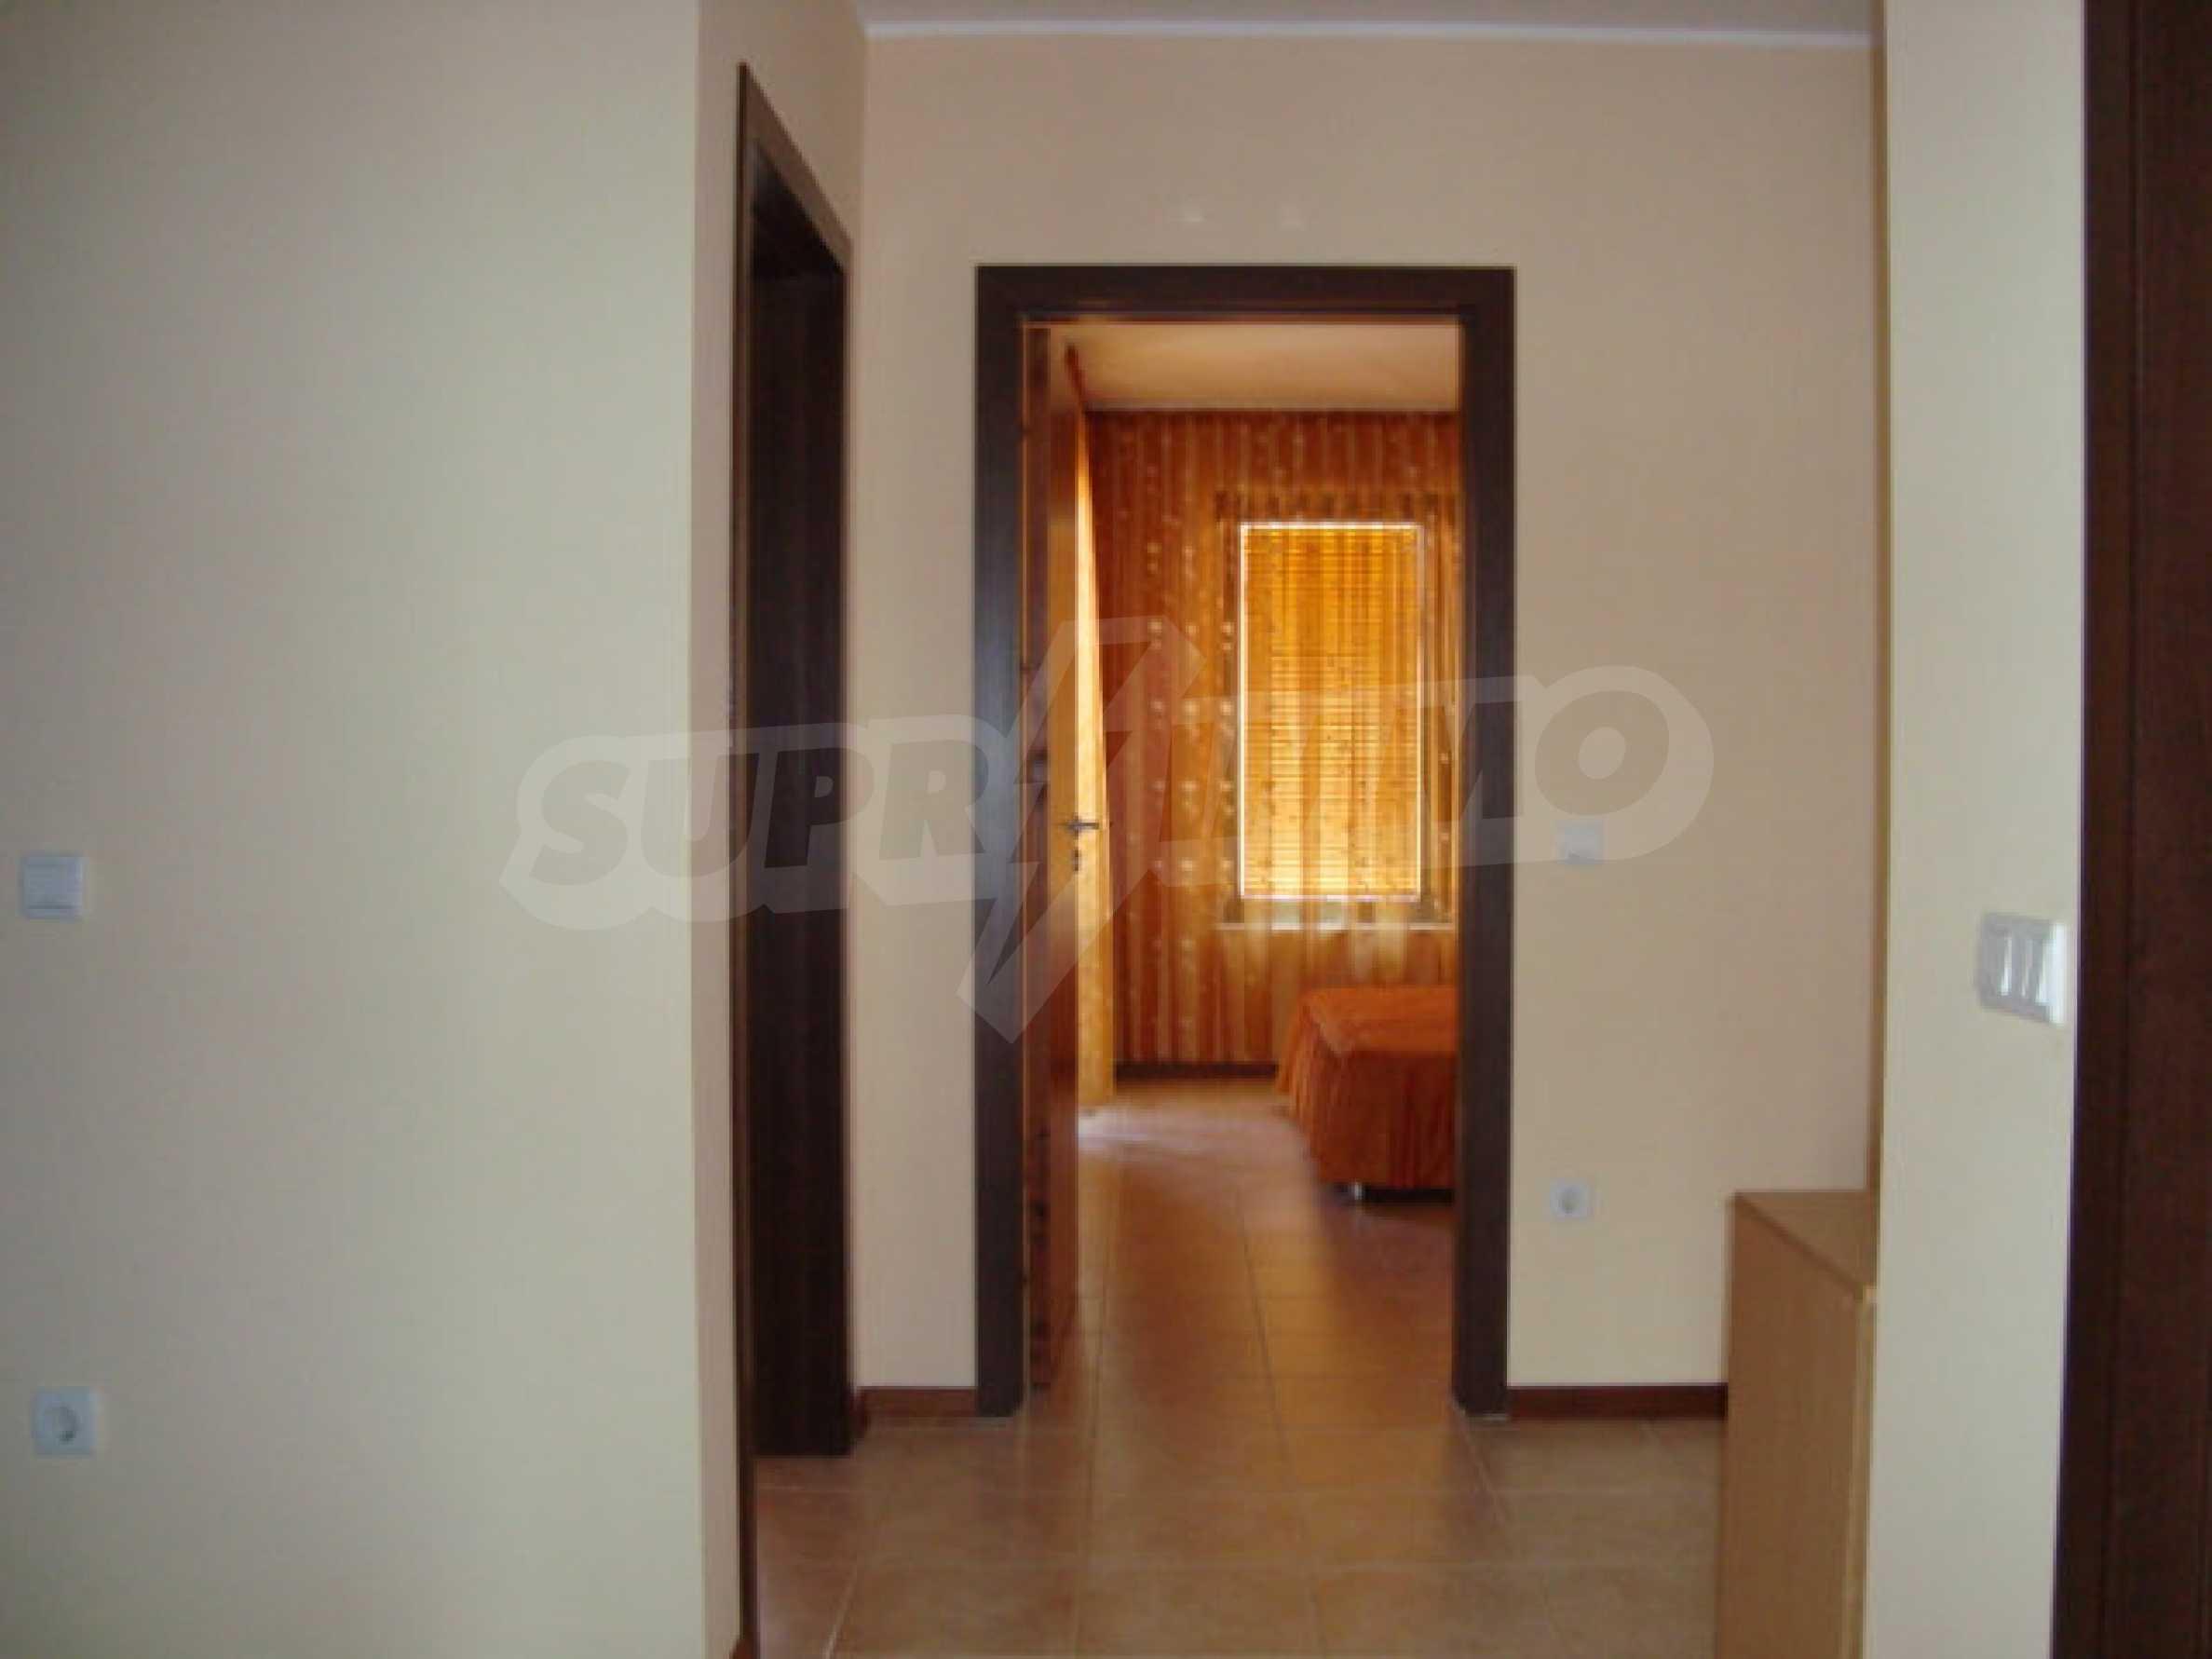 Zwei-Zimmer-Wohnung in Saint Nicholas Komplex in Chernomorets